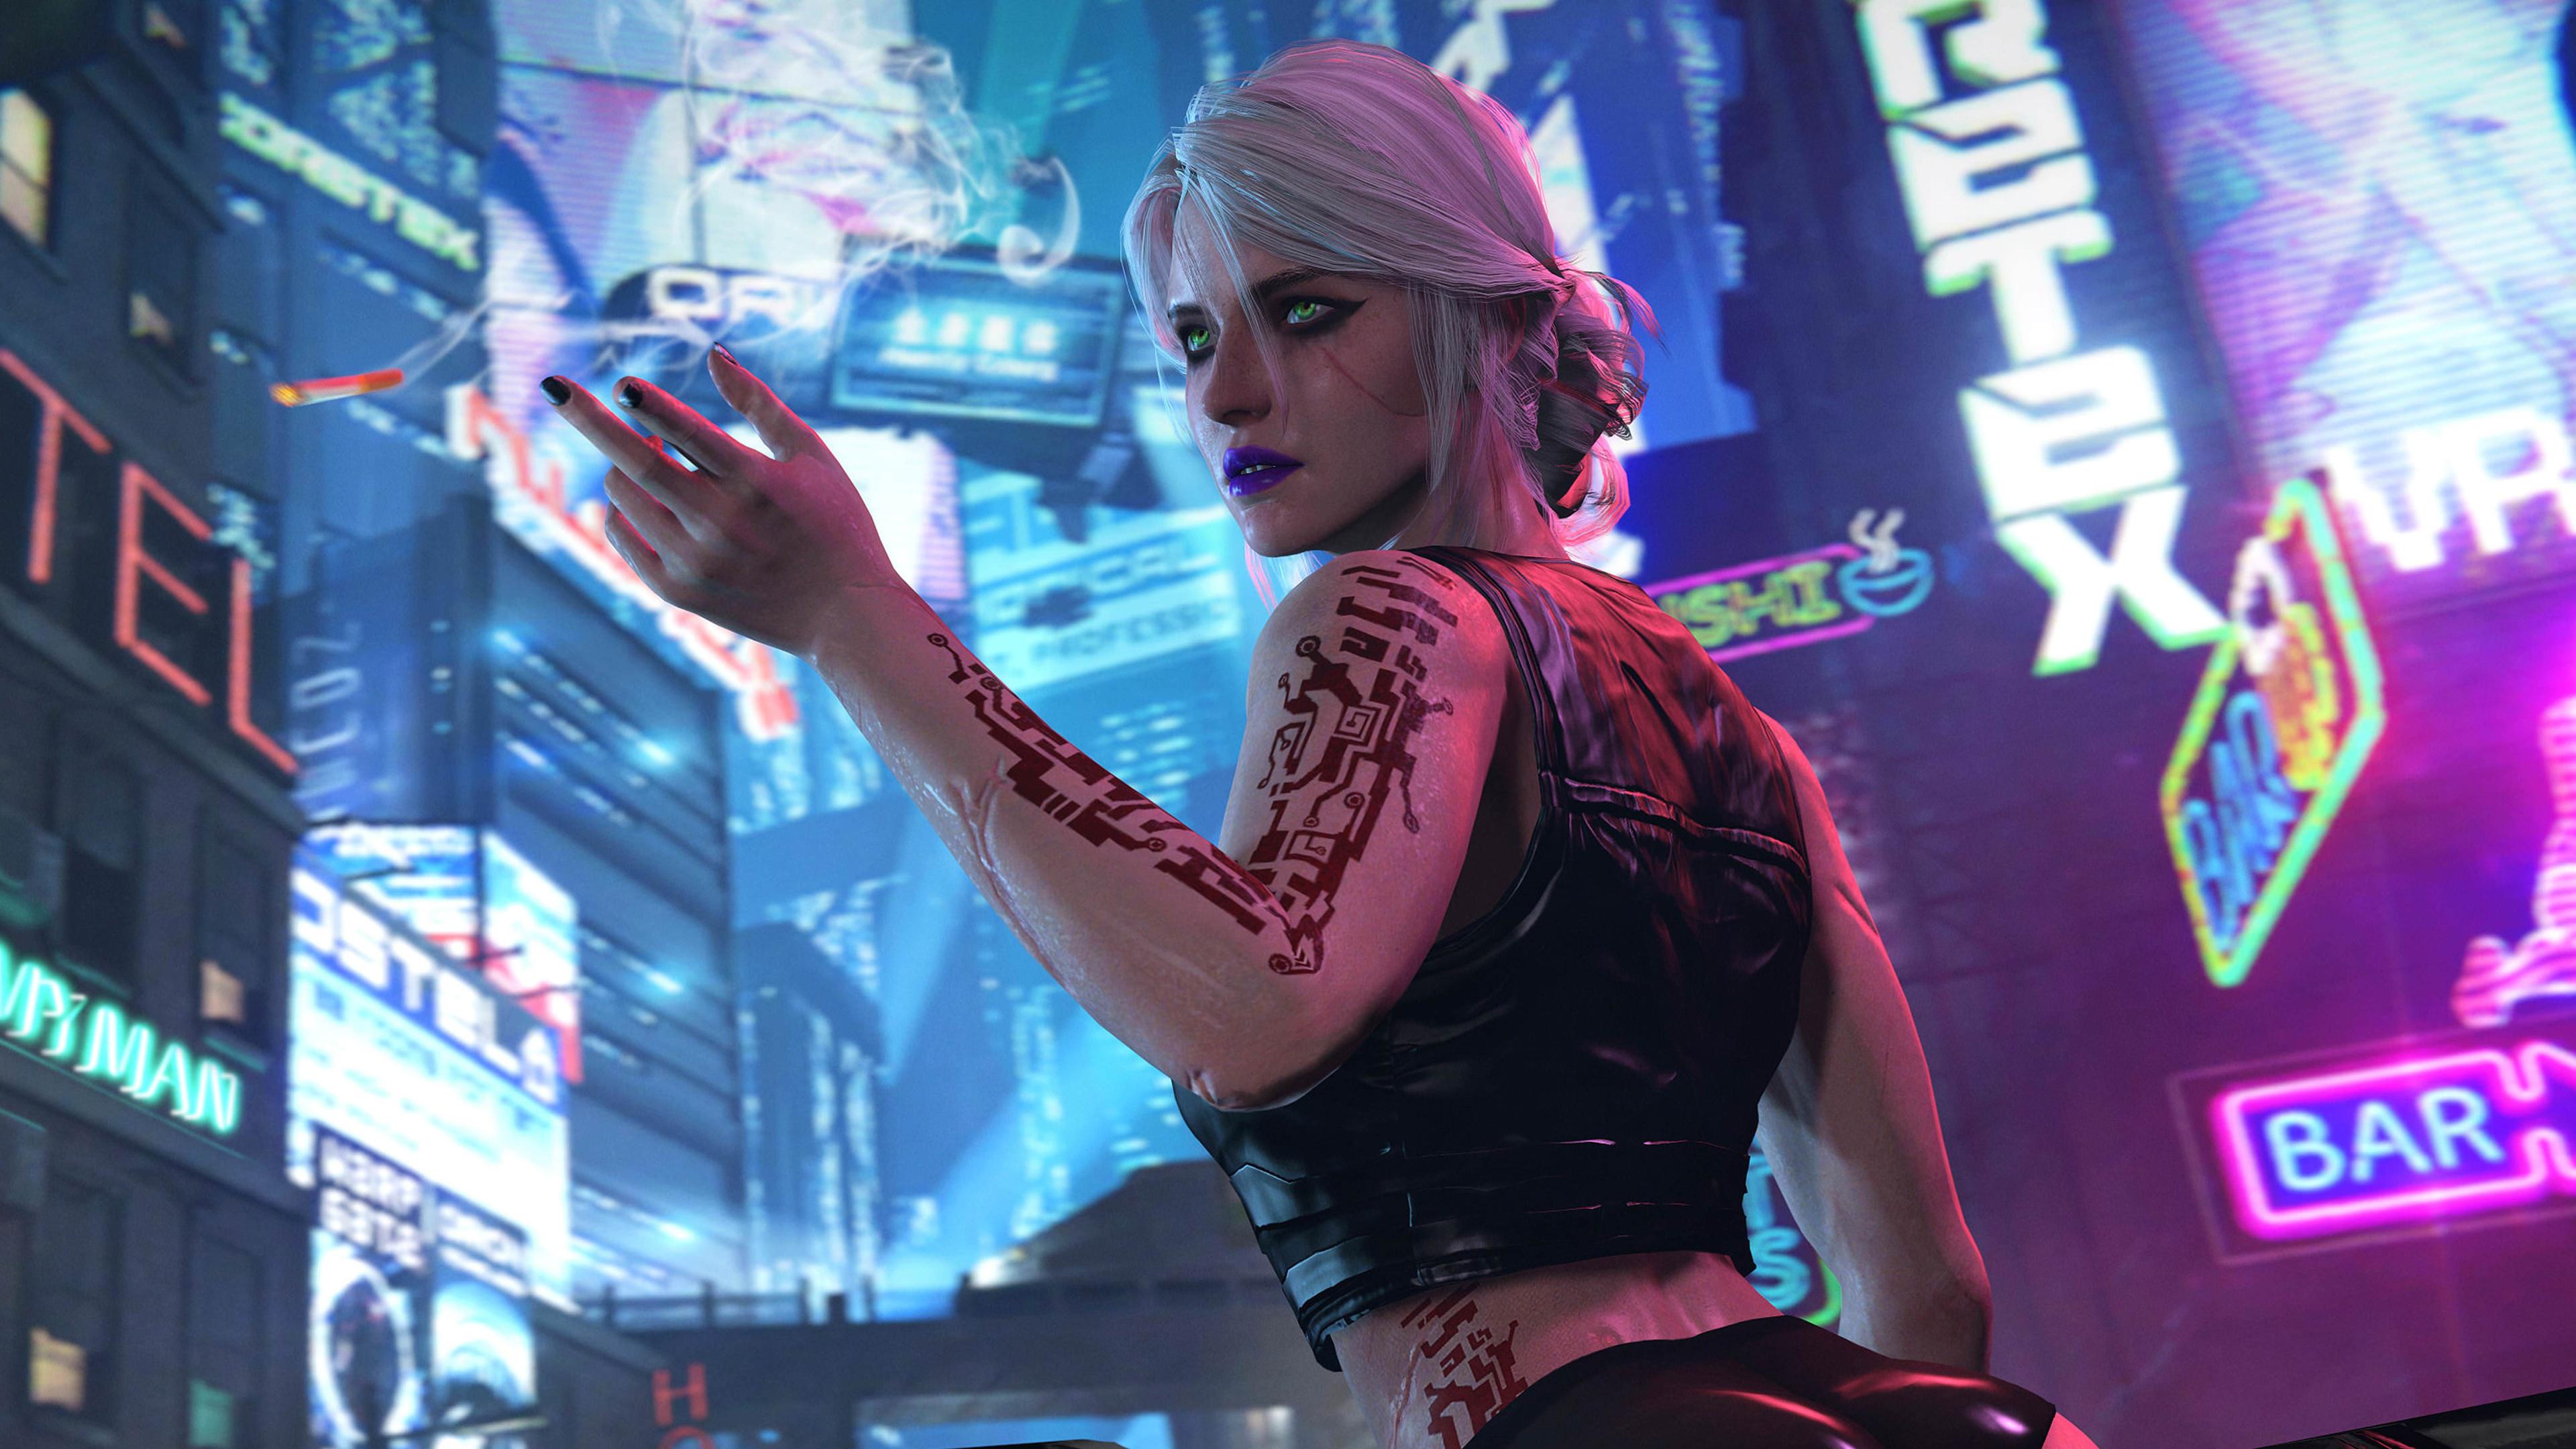 ciri cyberpunk 2077 4k 1545589473 - Ciri Cyberpunk 2077 4k - xbox games wallpapers, scifi wallpapers, ps games wallpapers, pc games wallpapers, neon wallpapers, hd-wallpapers, games wallpapers, fantasy girls wallpapers, cyberpunk 2077 wallpapers, ciri wallpapers, 8k wallpapers, 5k wallpapers, 4k-wallpapers